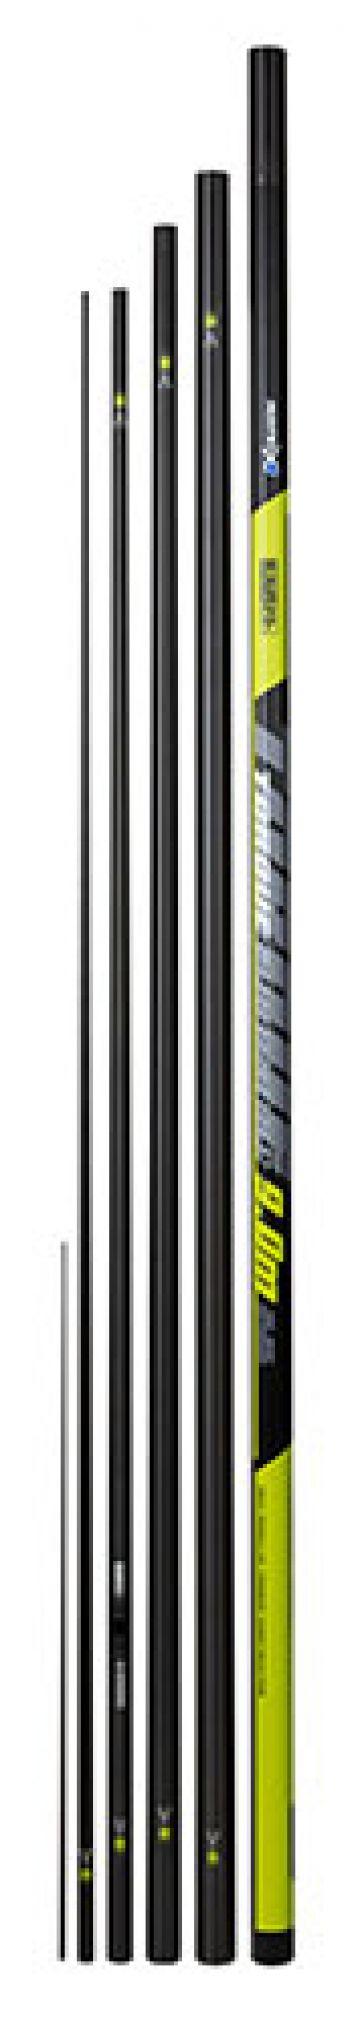 Matrix Torque Euro Carp zwart - groen witvis vaste hengel 9m00